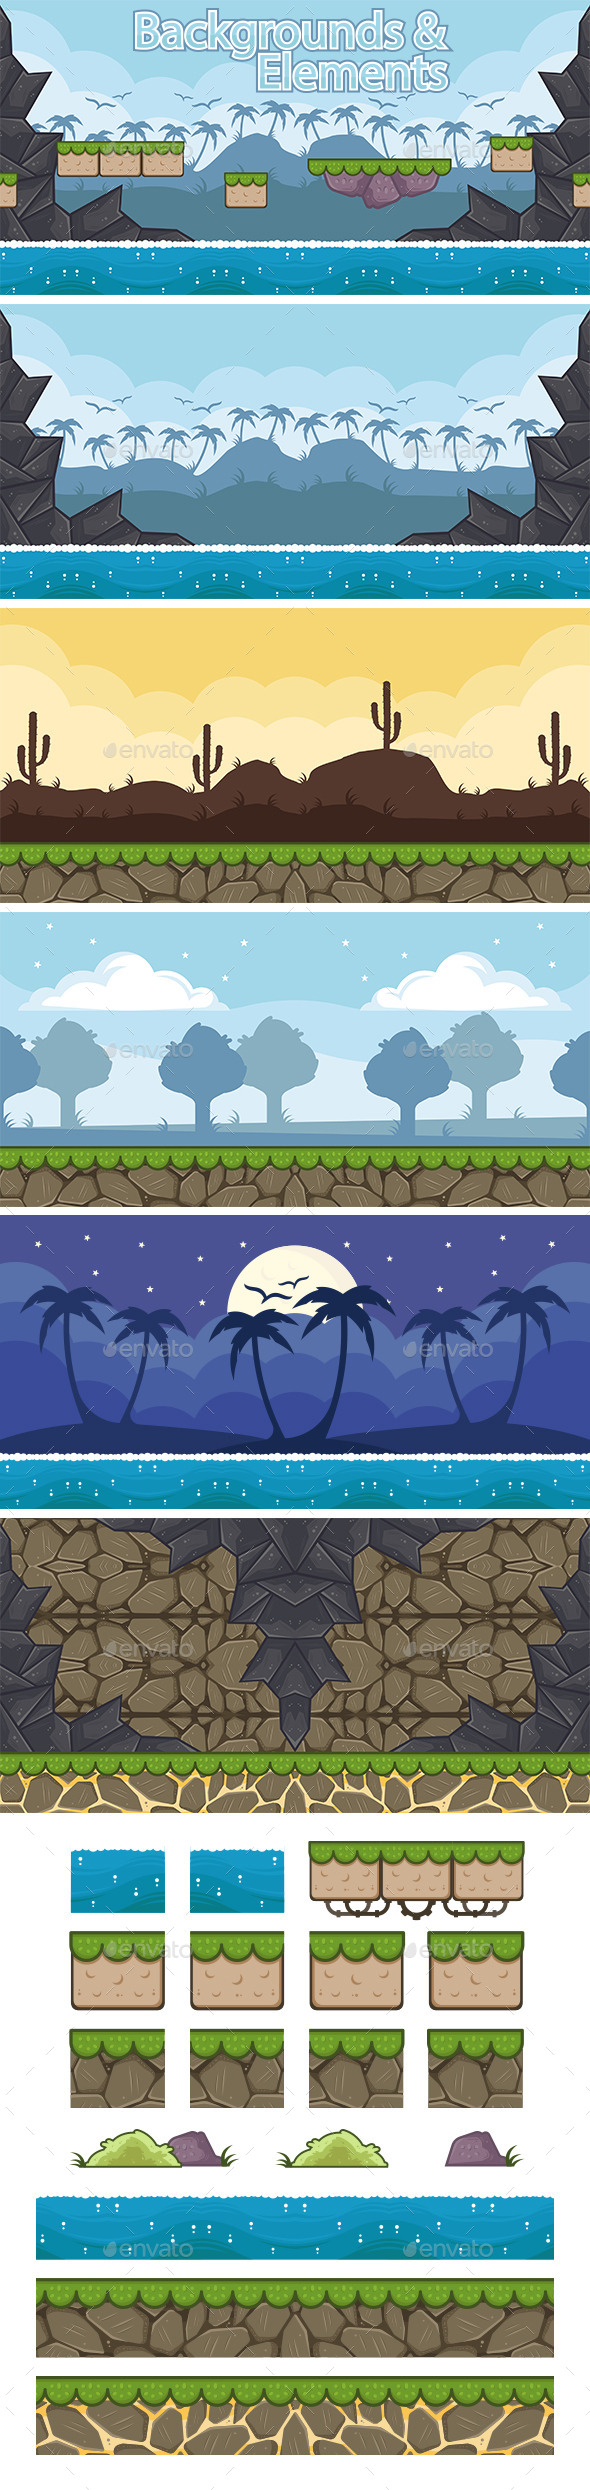 5 Platformer Game Backgrounds Pack - Backgrounds Game Assets